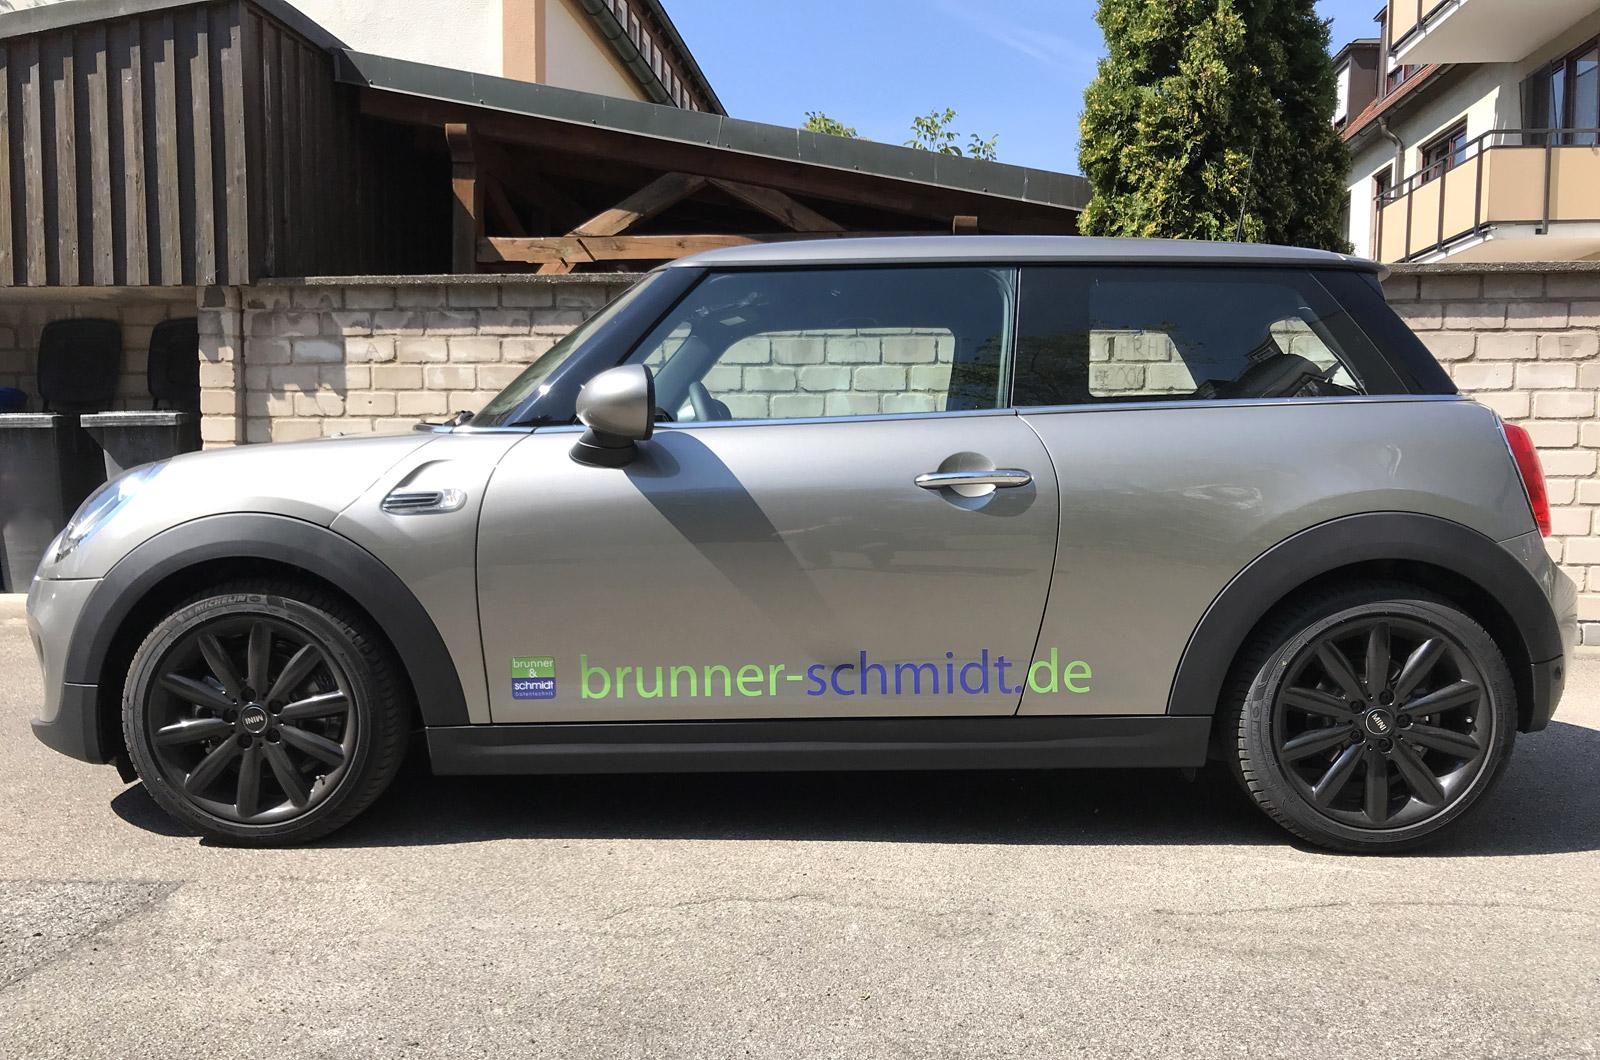 Fahrzeugbeschriftung Brunner Und Schmidt Focus